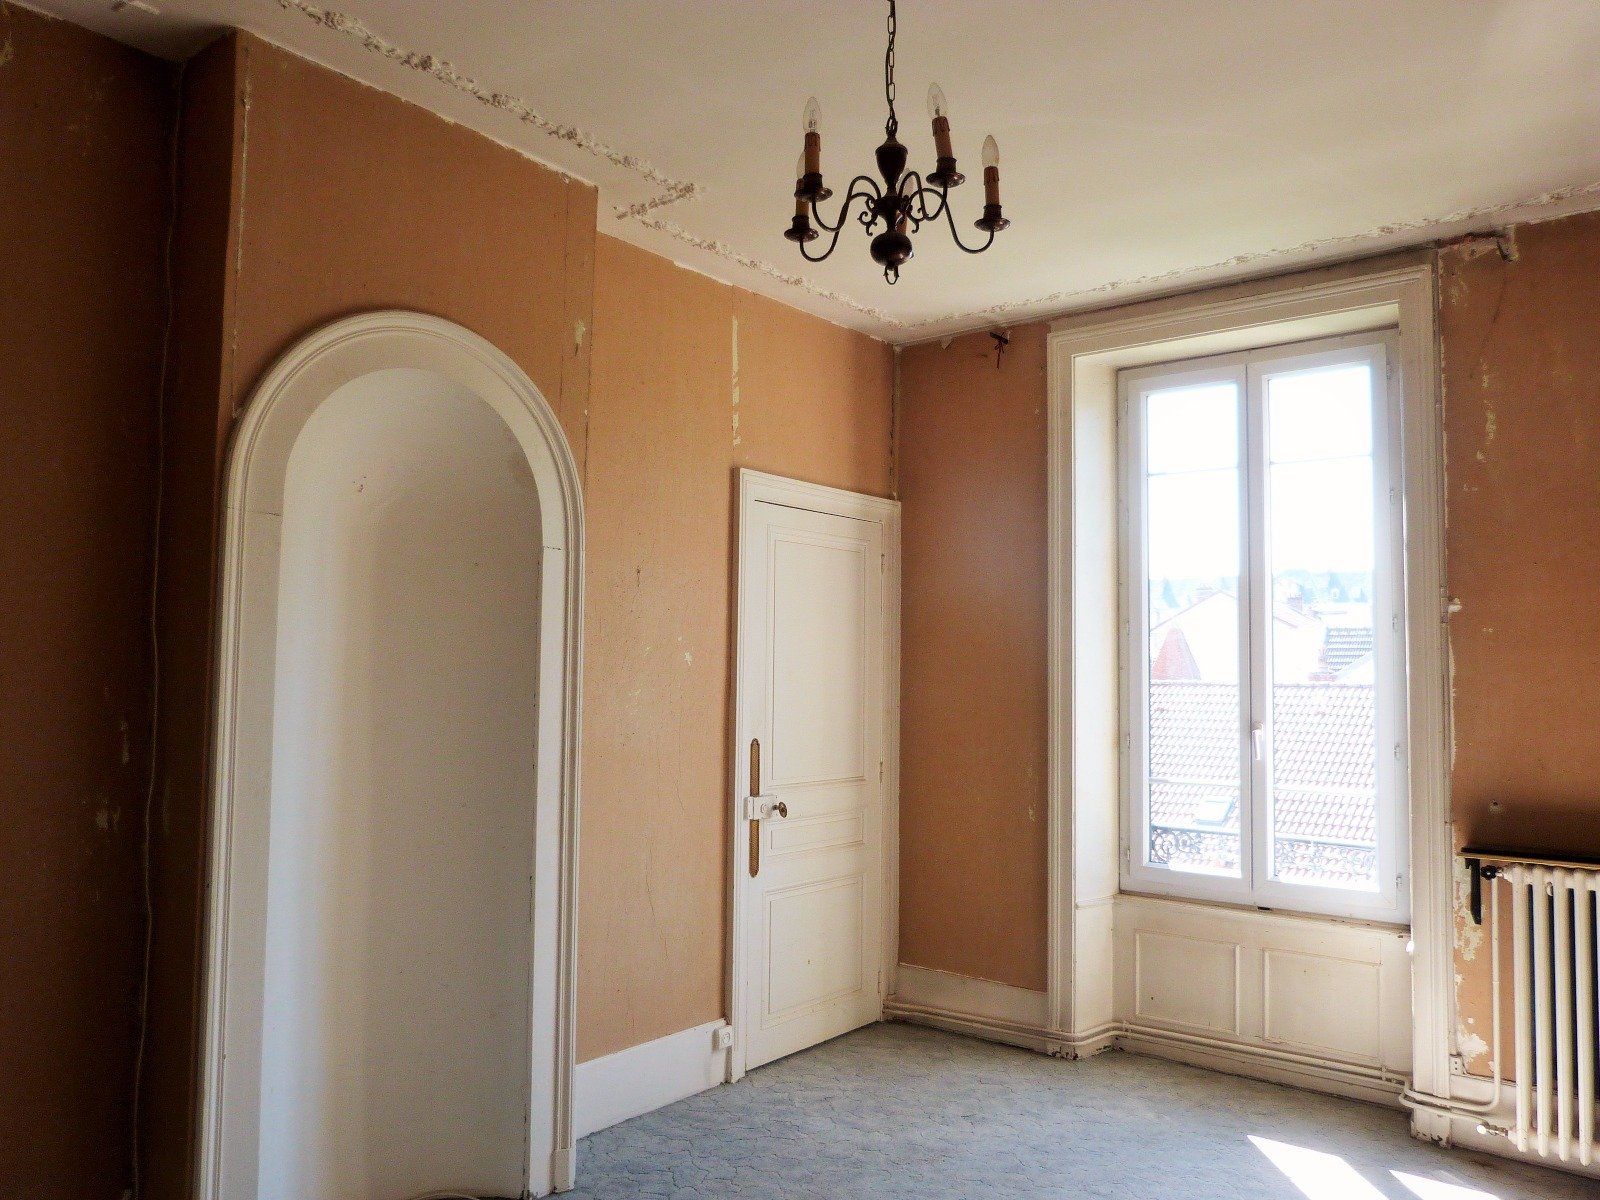 lons le saunier centre jura 39000 appartement 100menv 2me tage dans immeuble de - Cours De Cuisine Lons Le Saunier